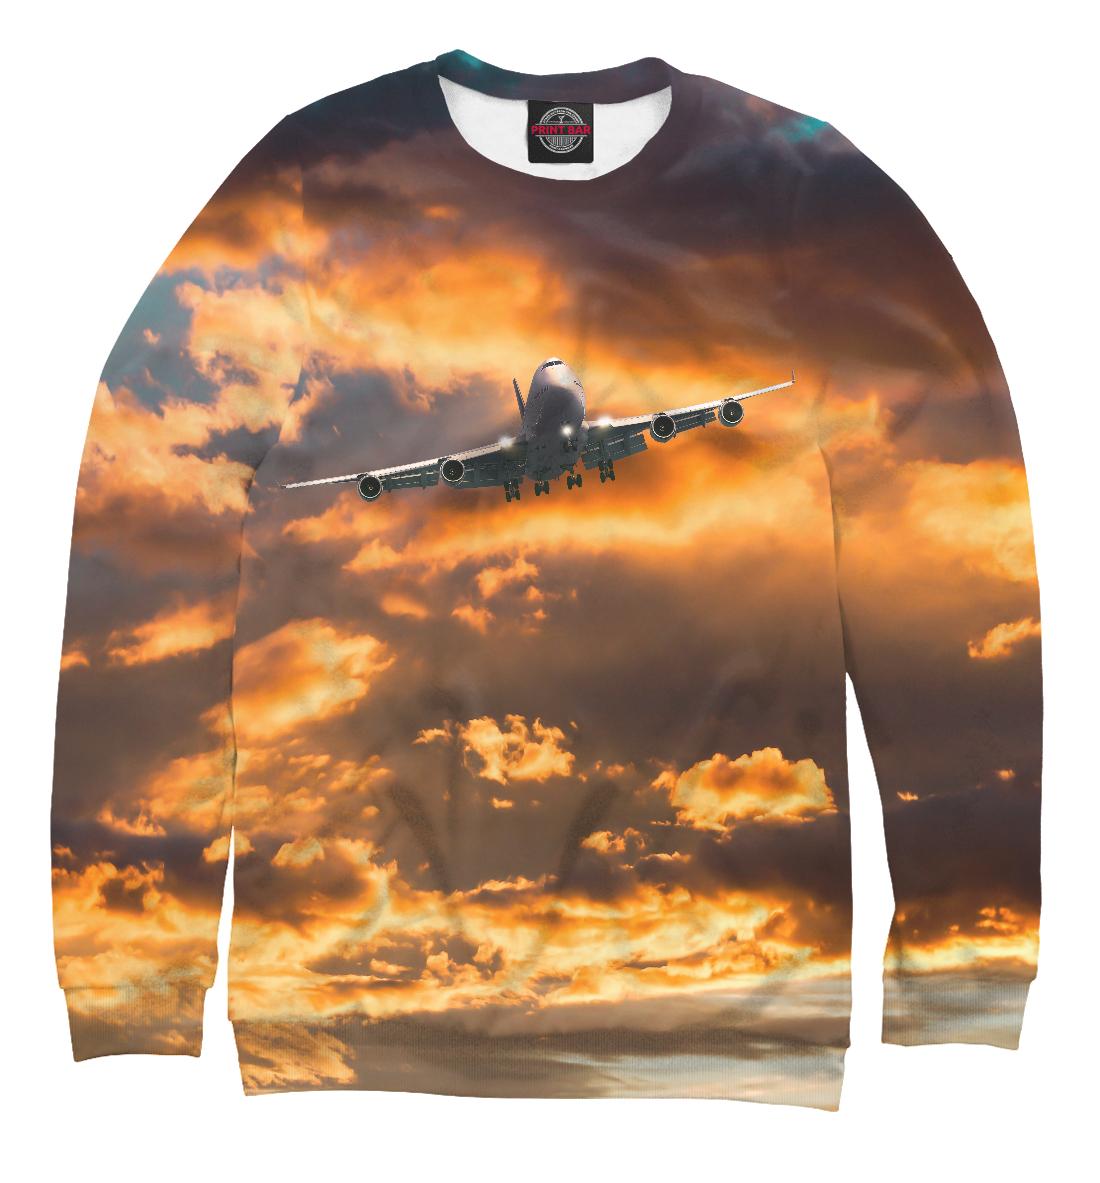 Купить Самолет, Printbar, Свитшоты, APN-408110-swi-2